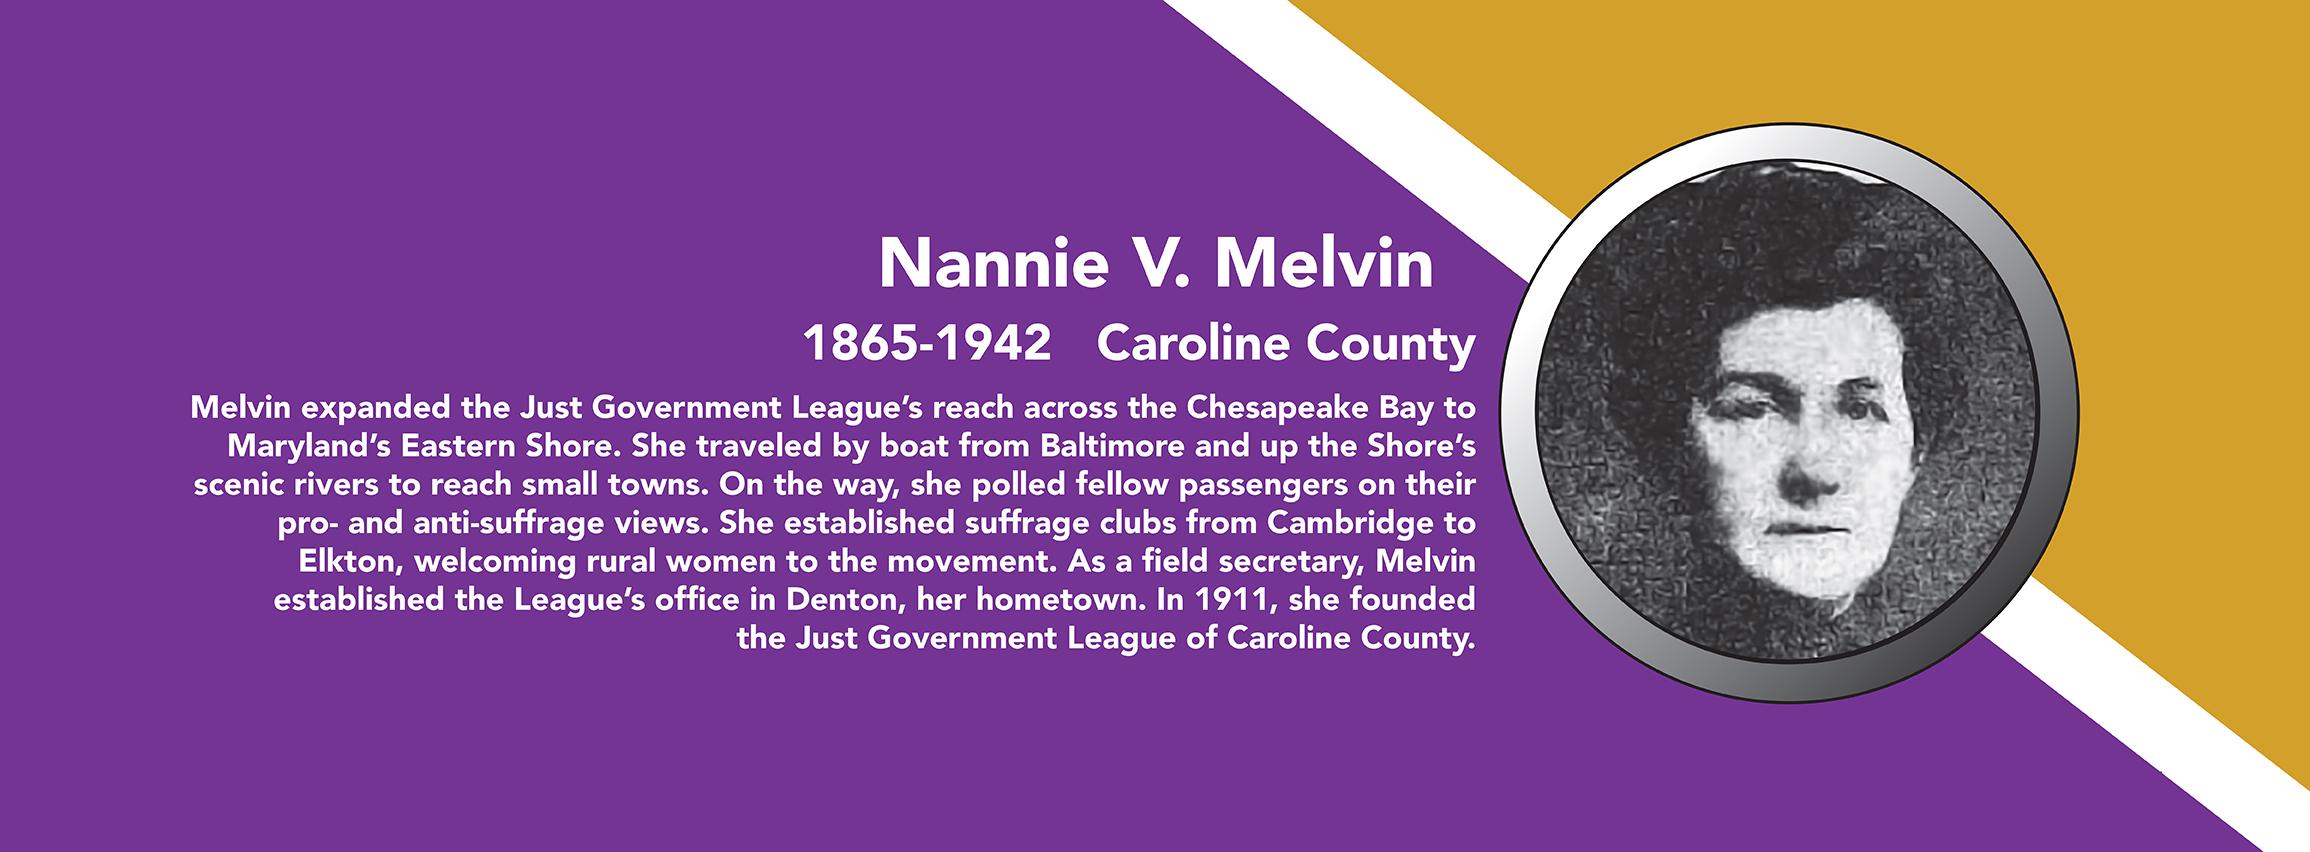 NannieVMelvin